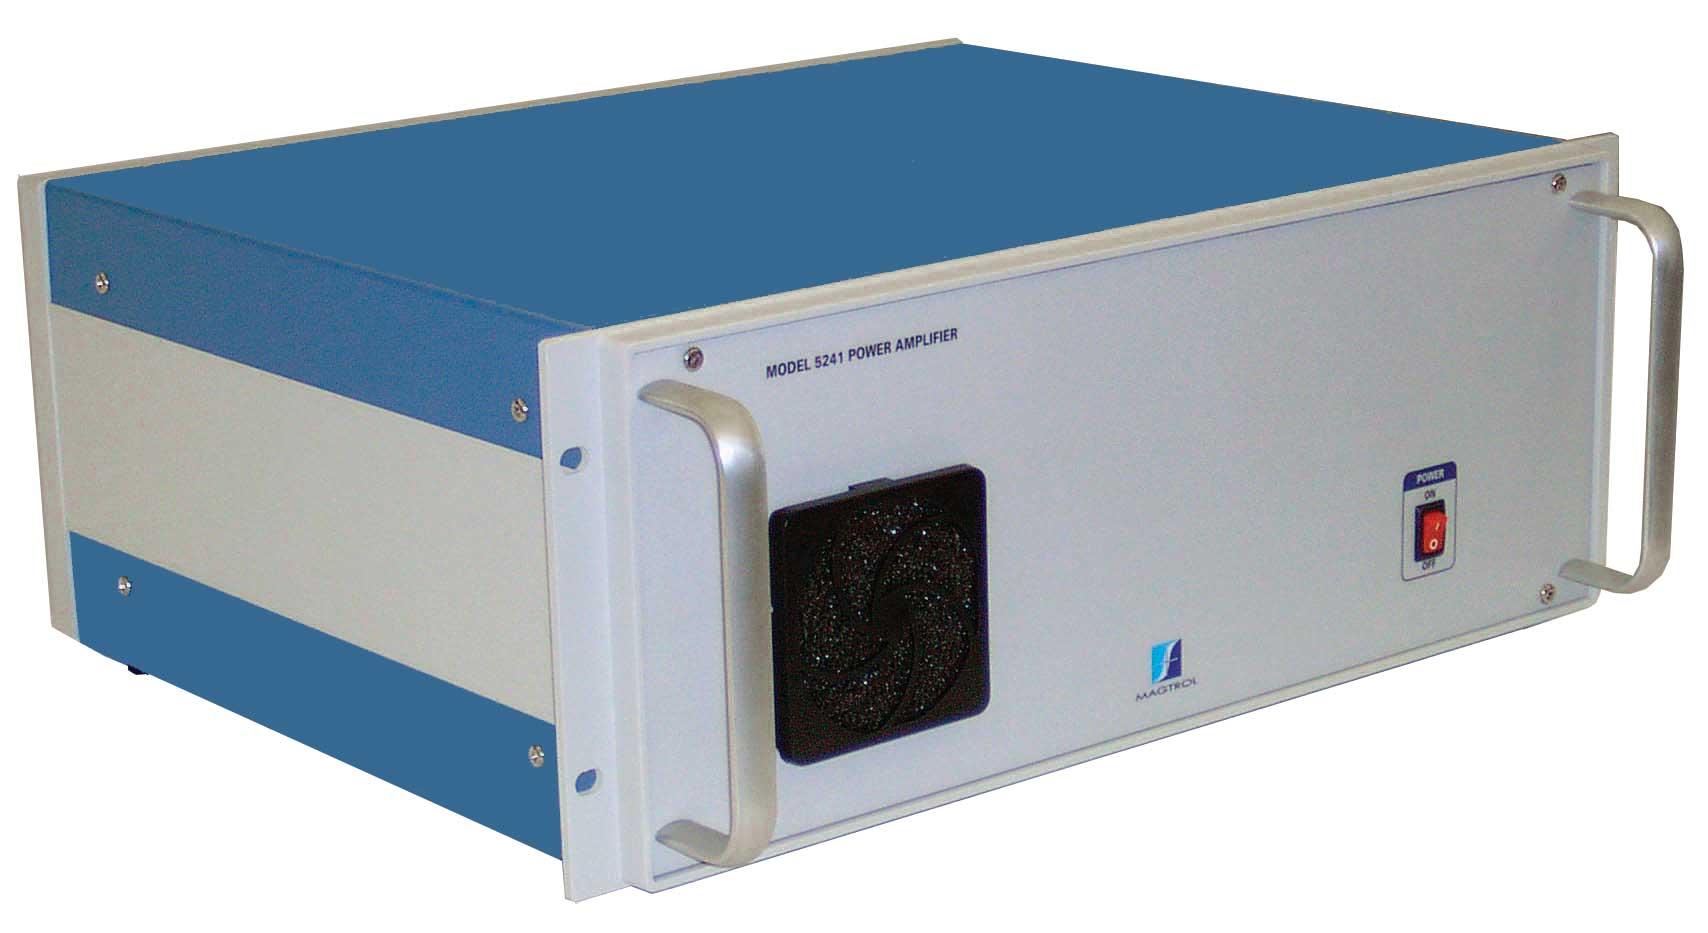 model 5241 power amplifier magtrol india. Black Bedroom Furniture Sets. Home Design Ideas